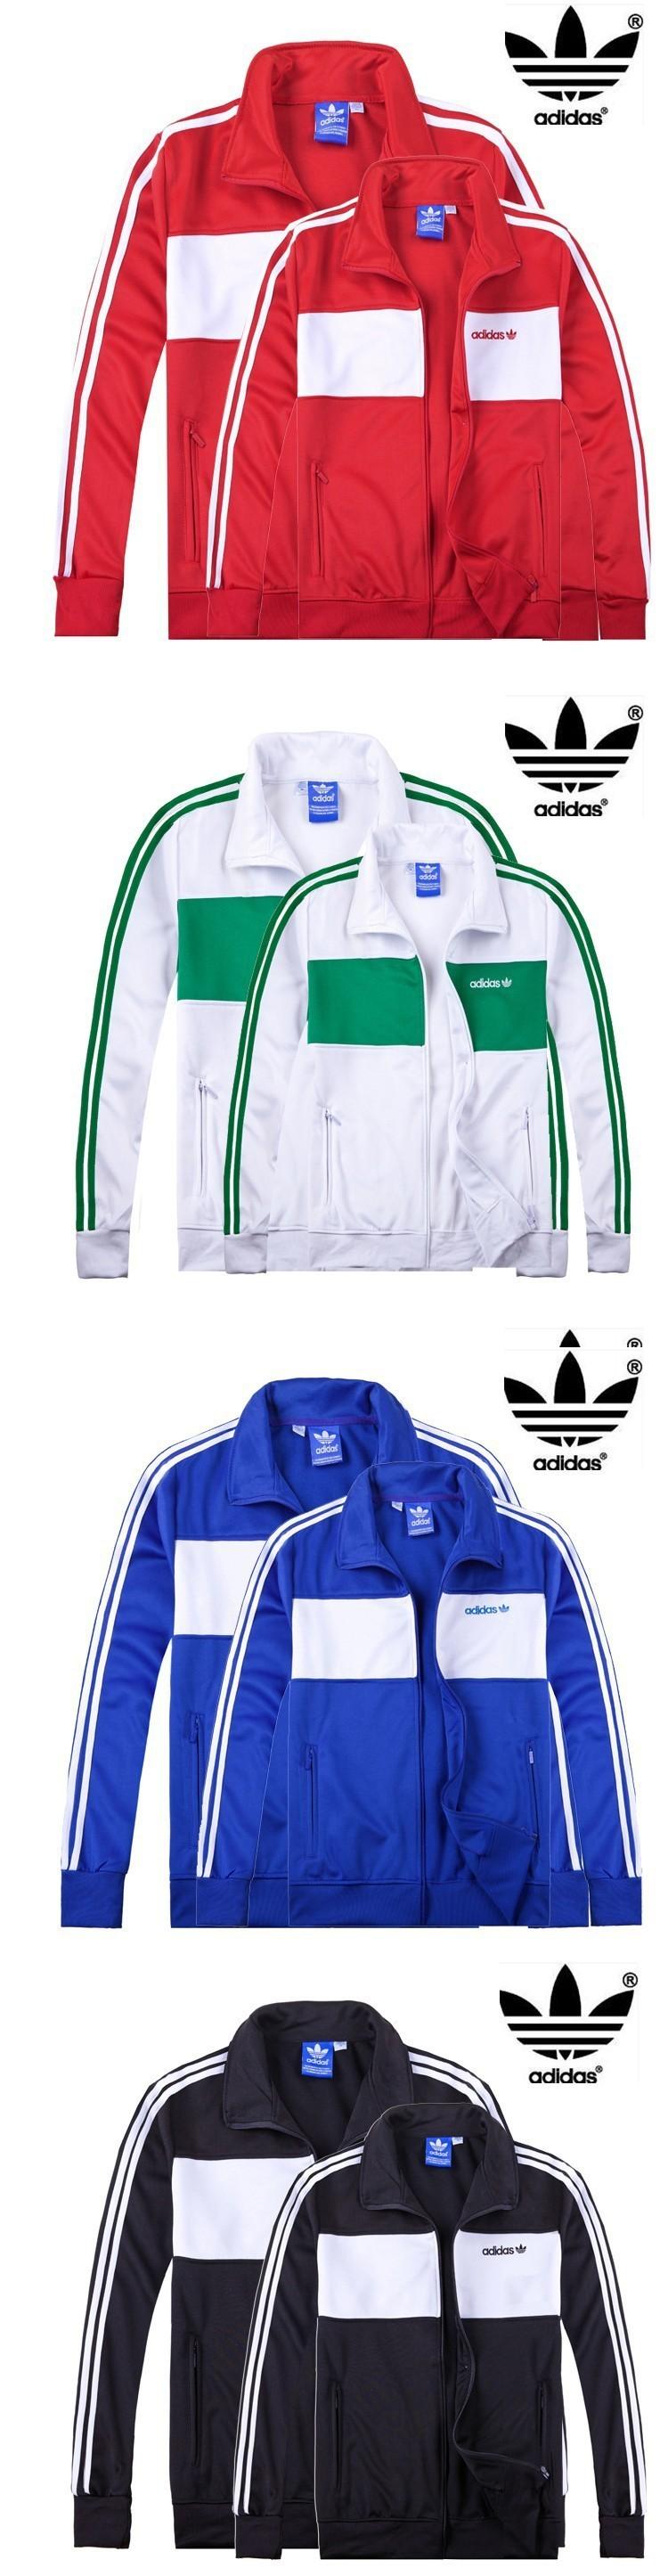 Мужская ветровка Good Moleton Men adidasingly hoodies NK jacket